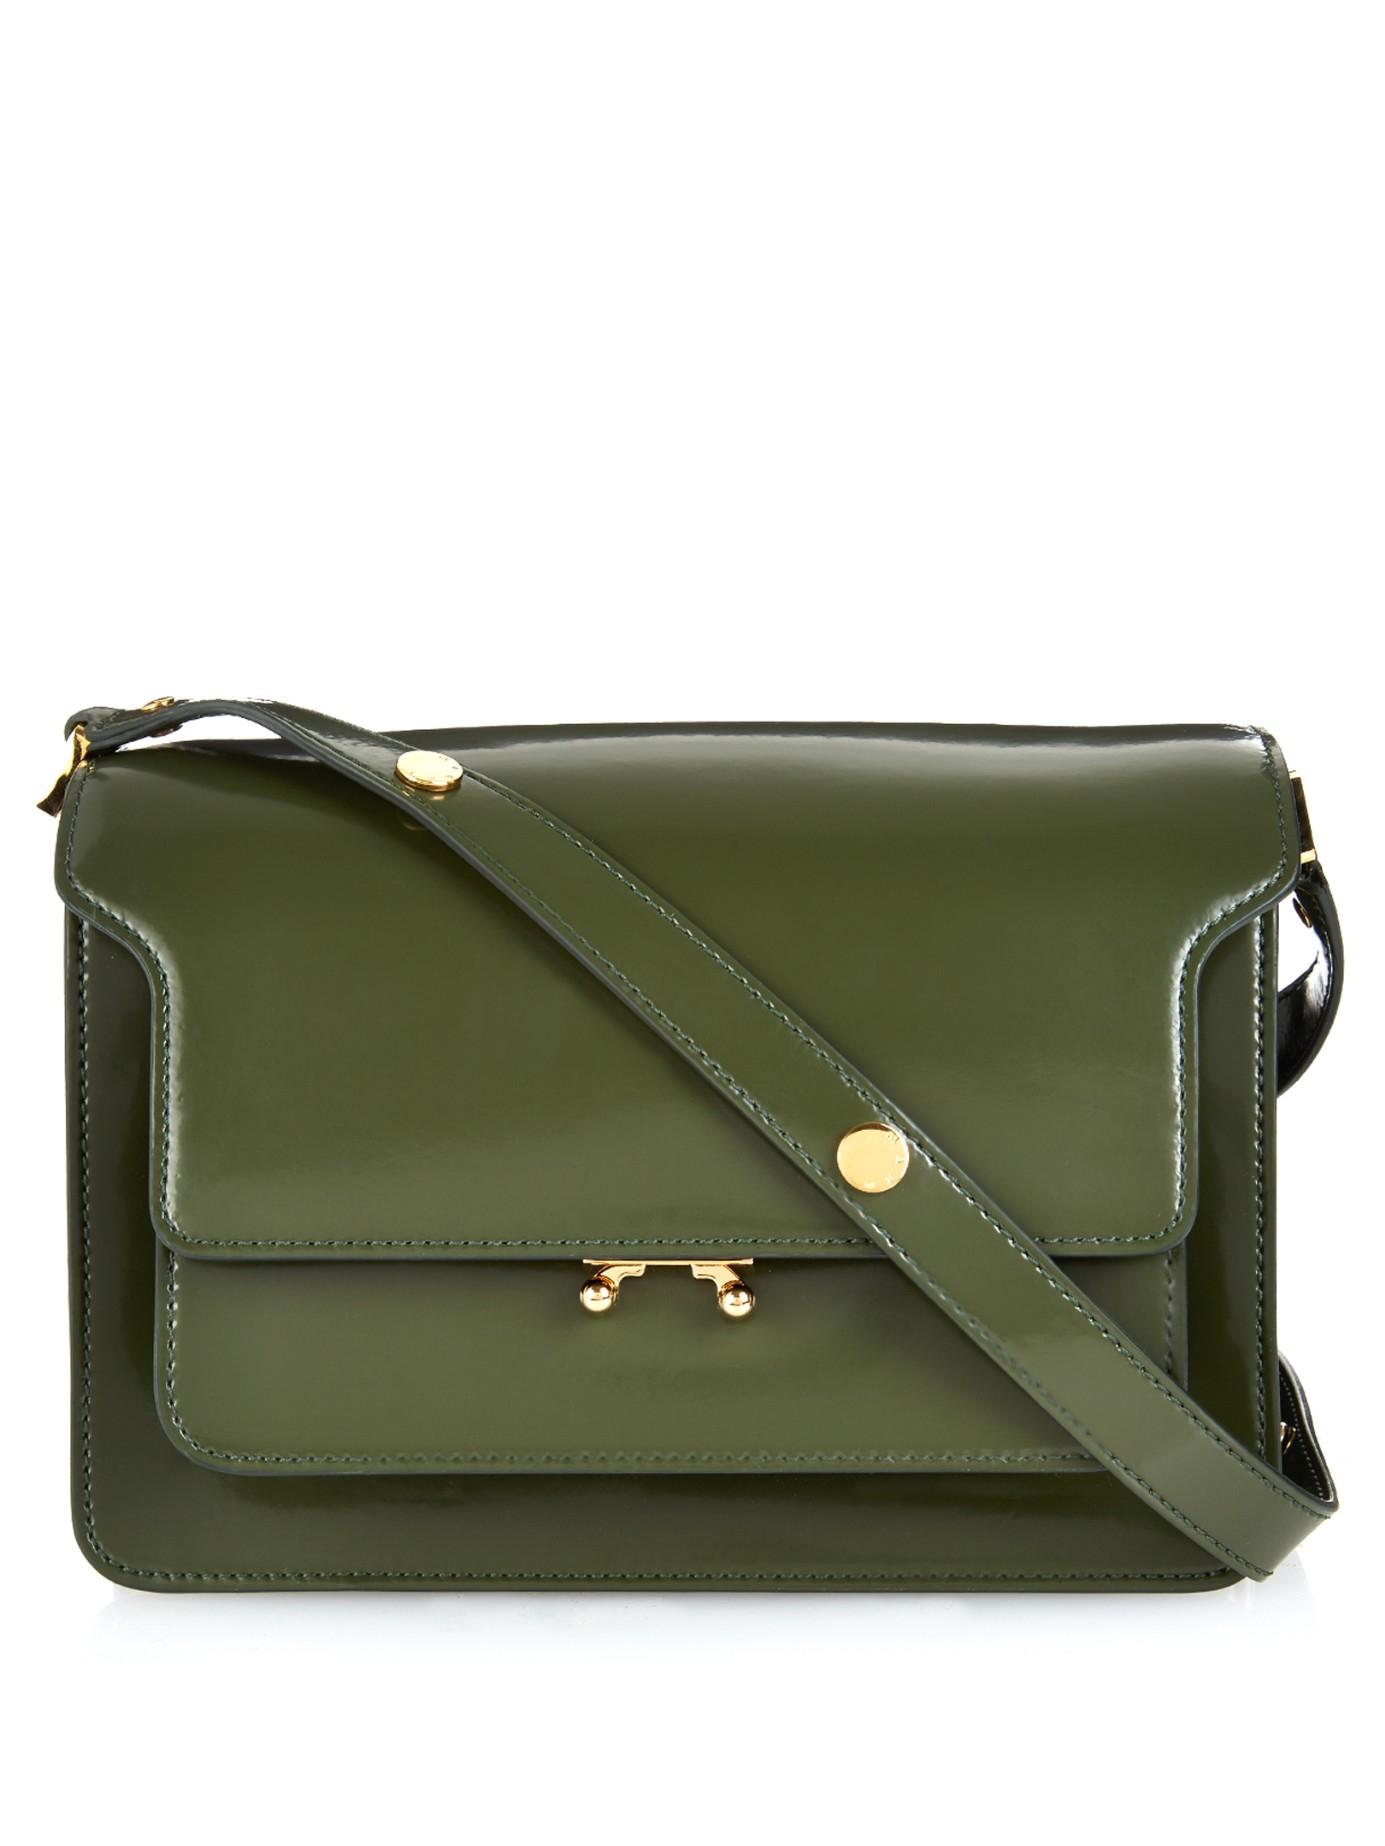 Marni Trunk Medium Leather Shoulder Bag In Green Lyst